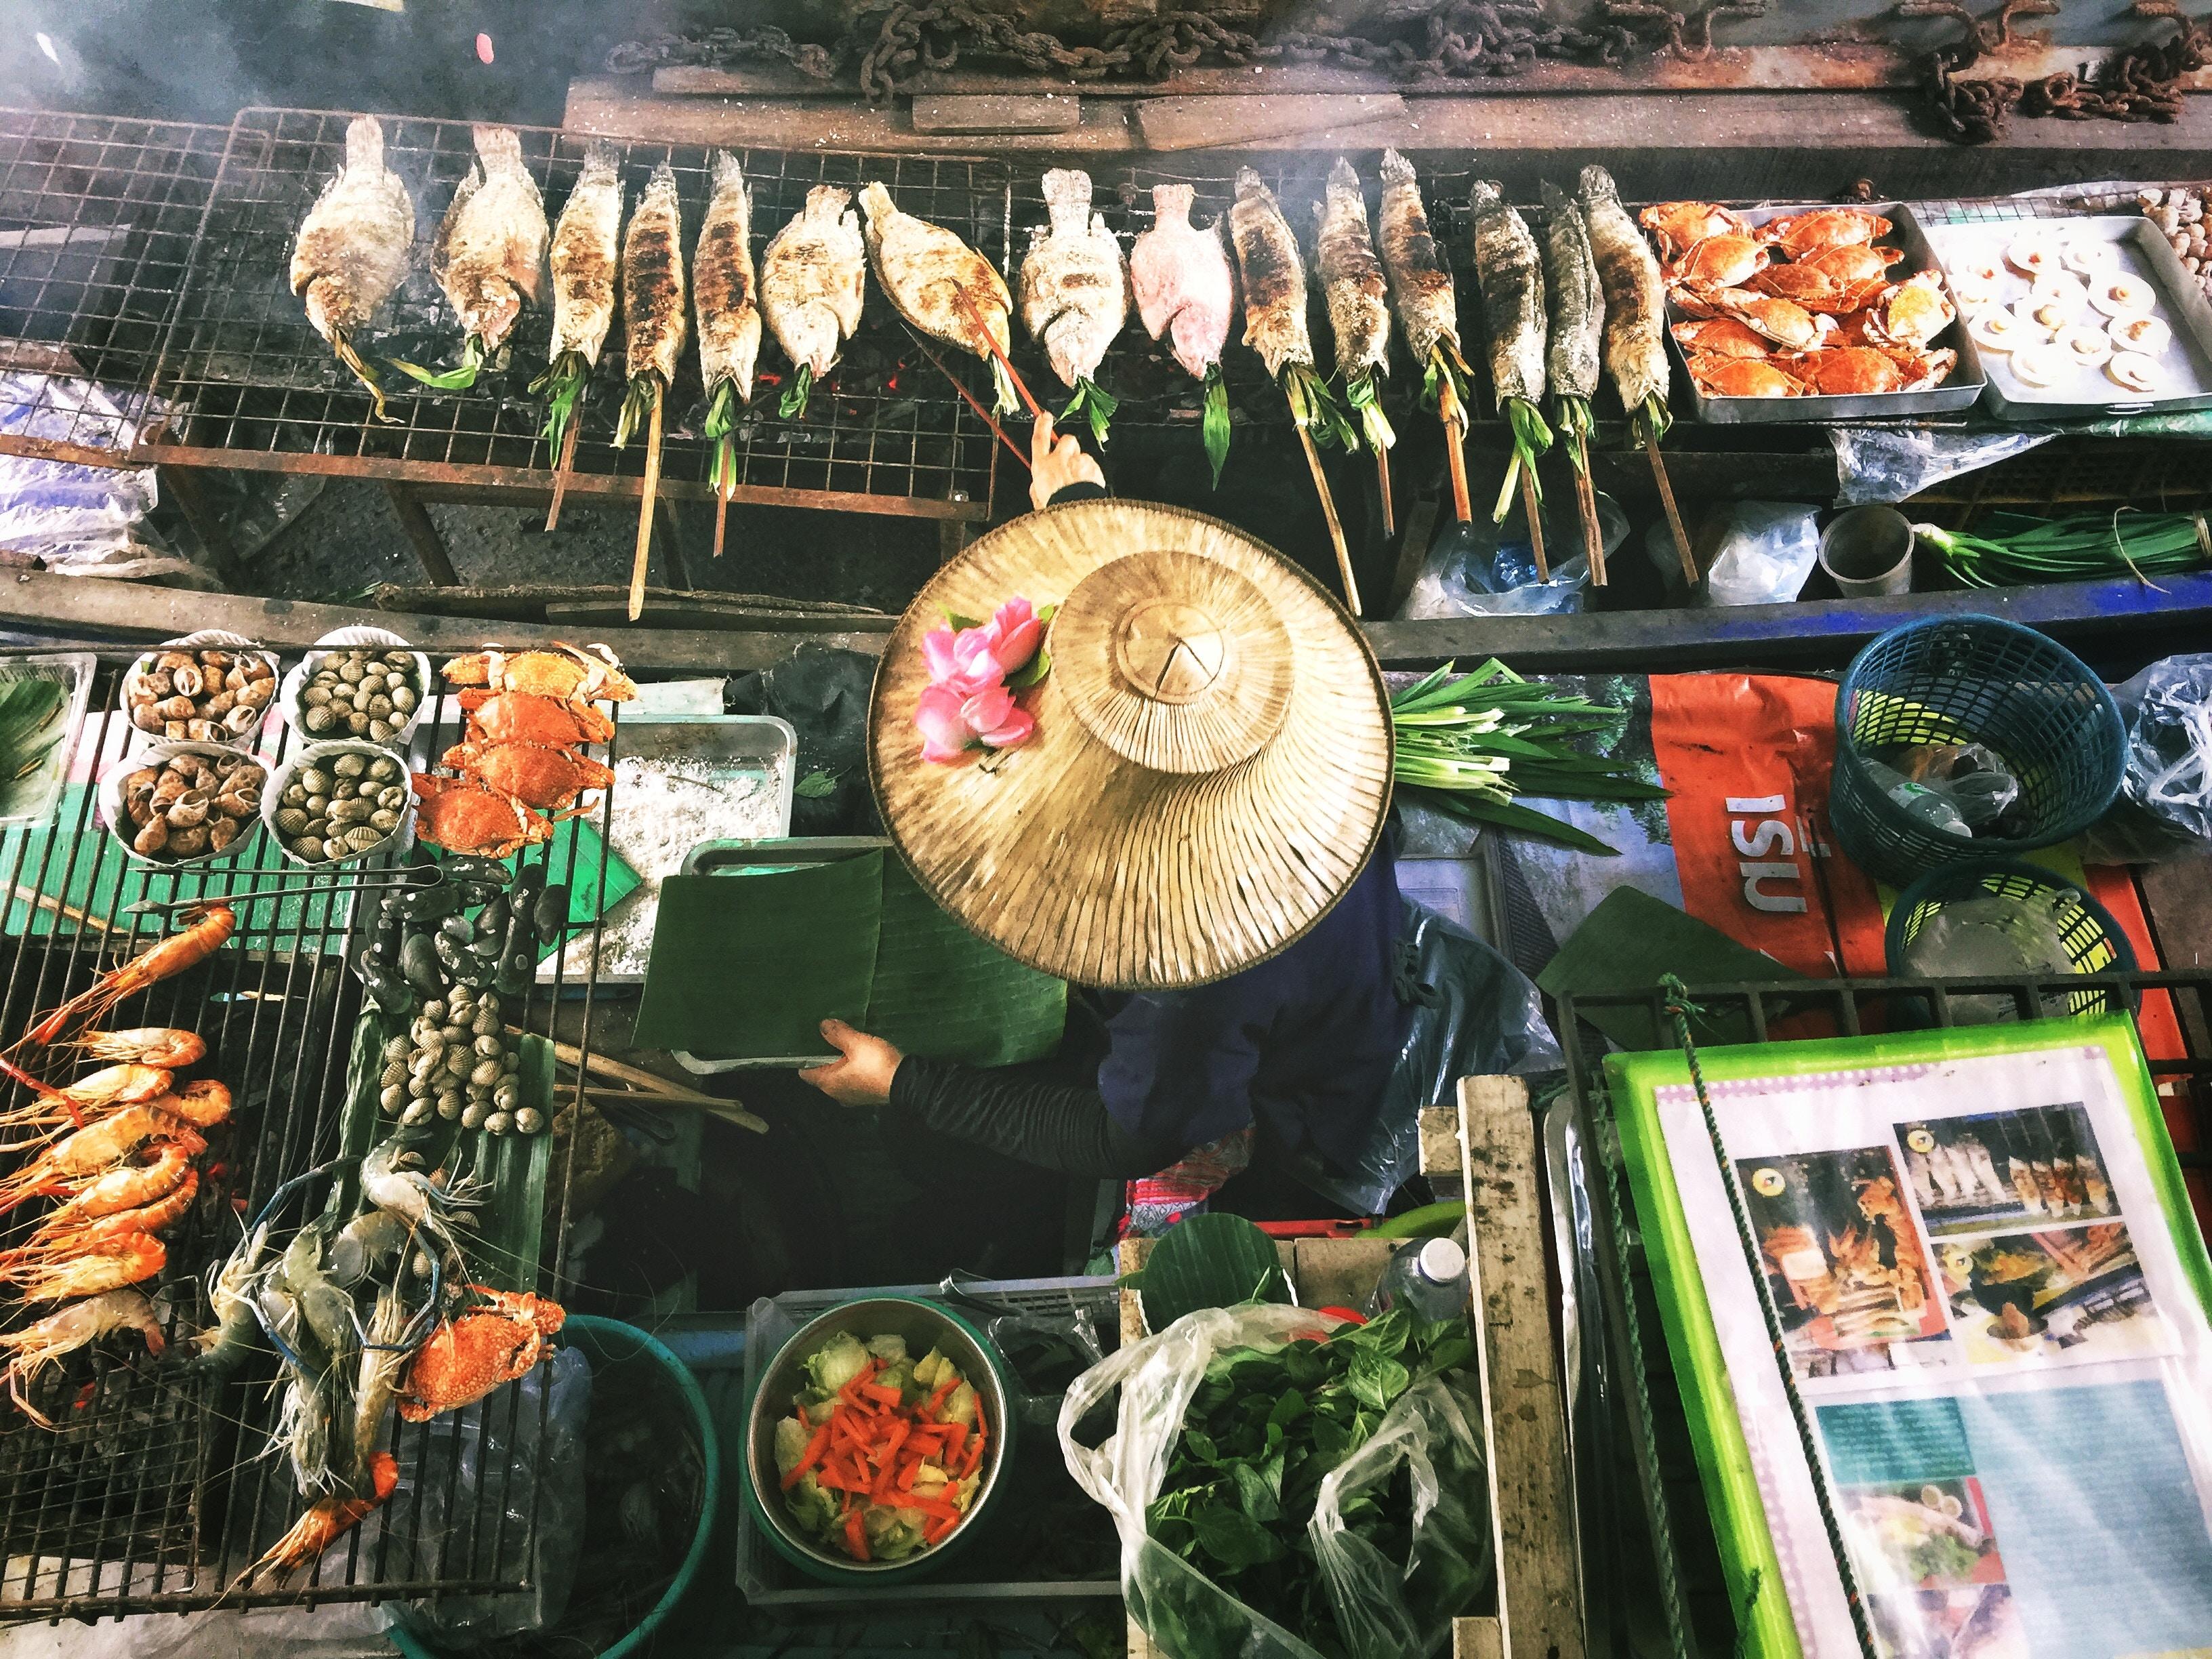 Street food Bangkok - things to do in Bangkok